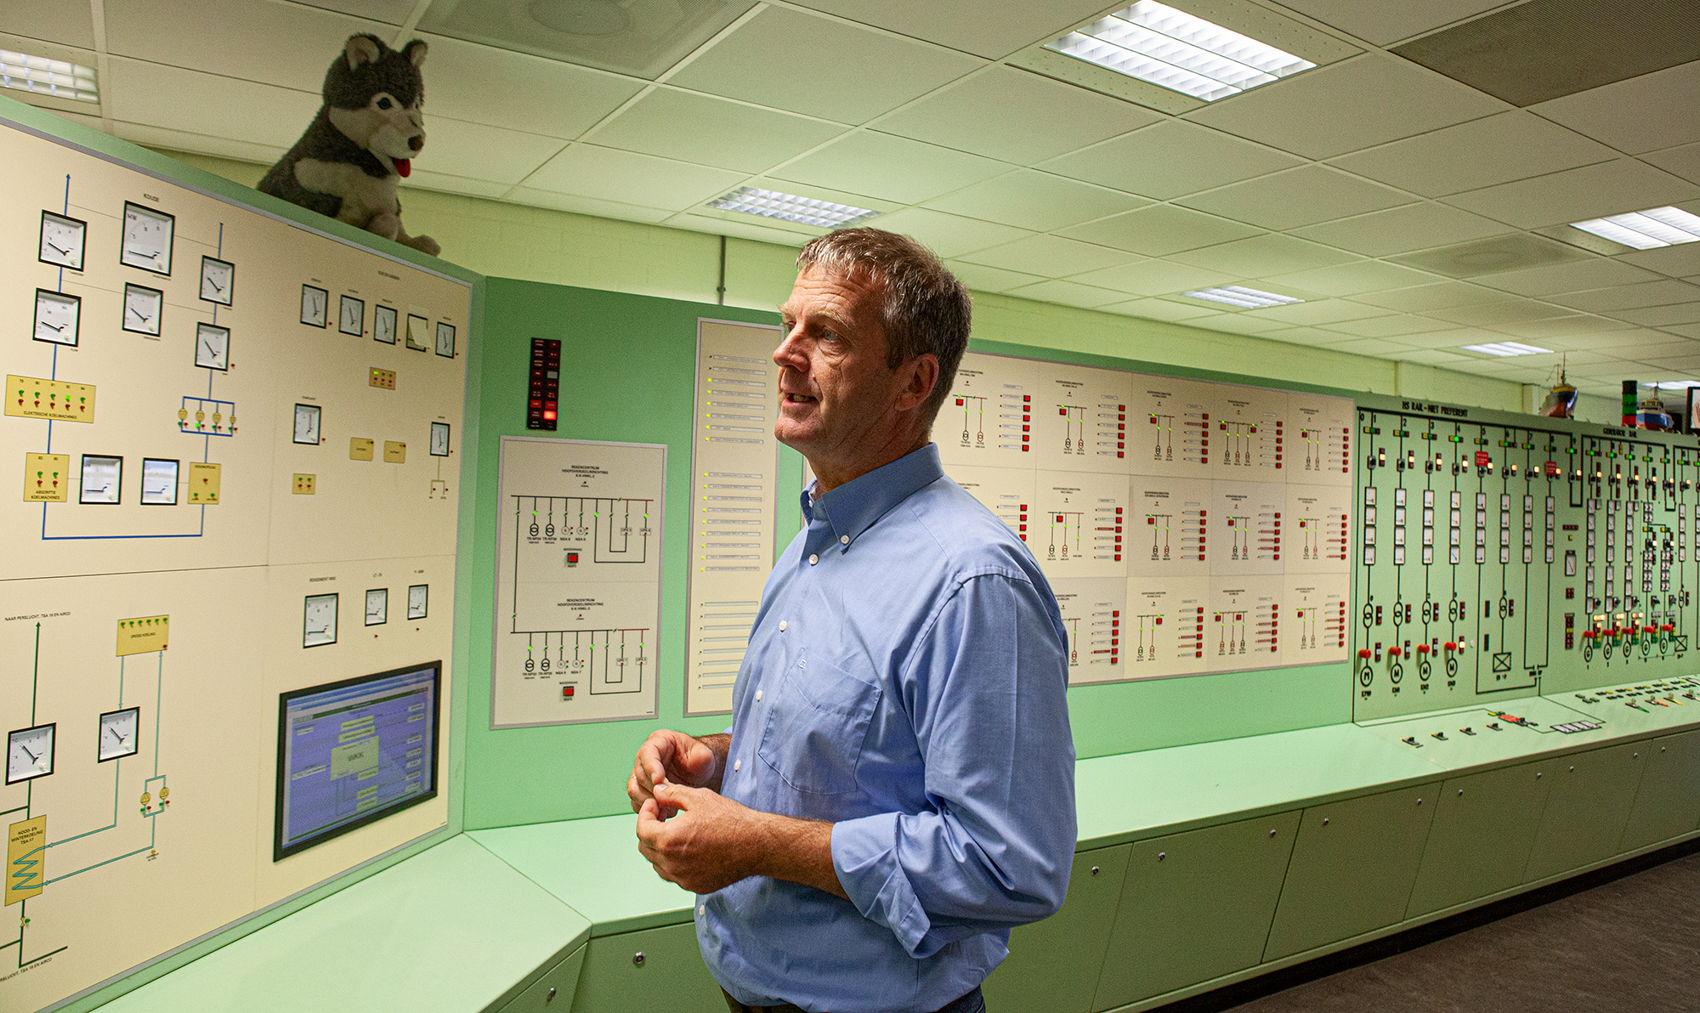 De 'controlroom' van de energiecentrale van het UMC Utrecht.